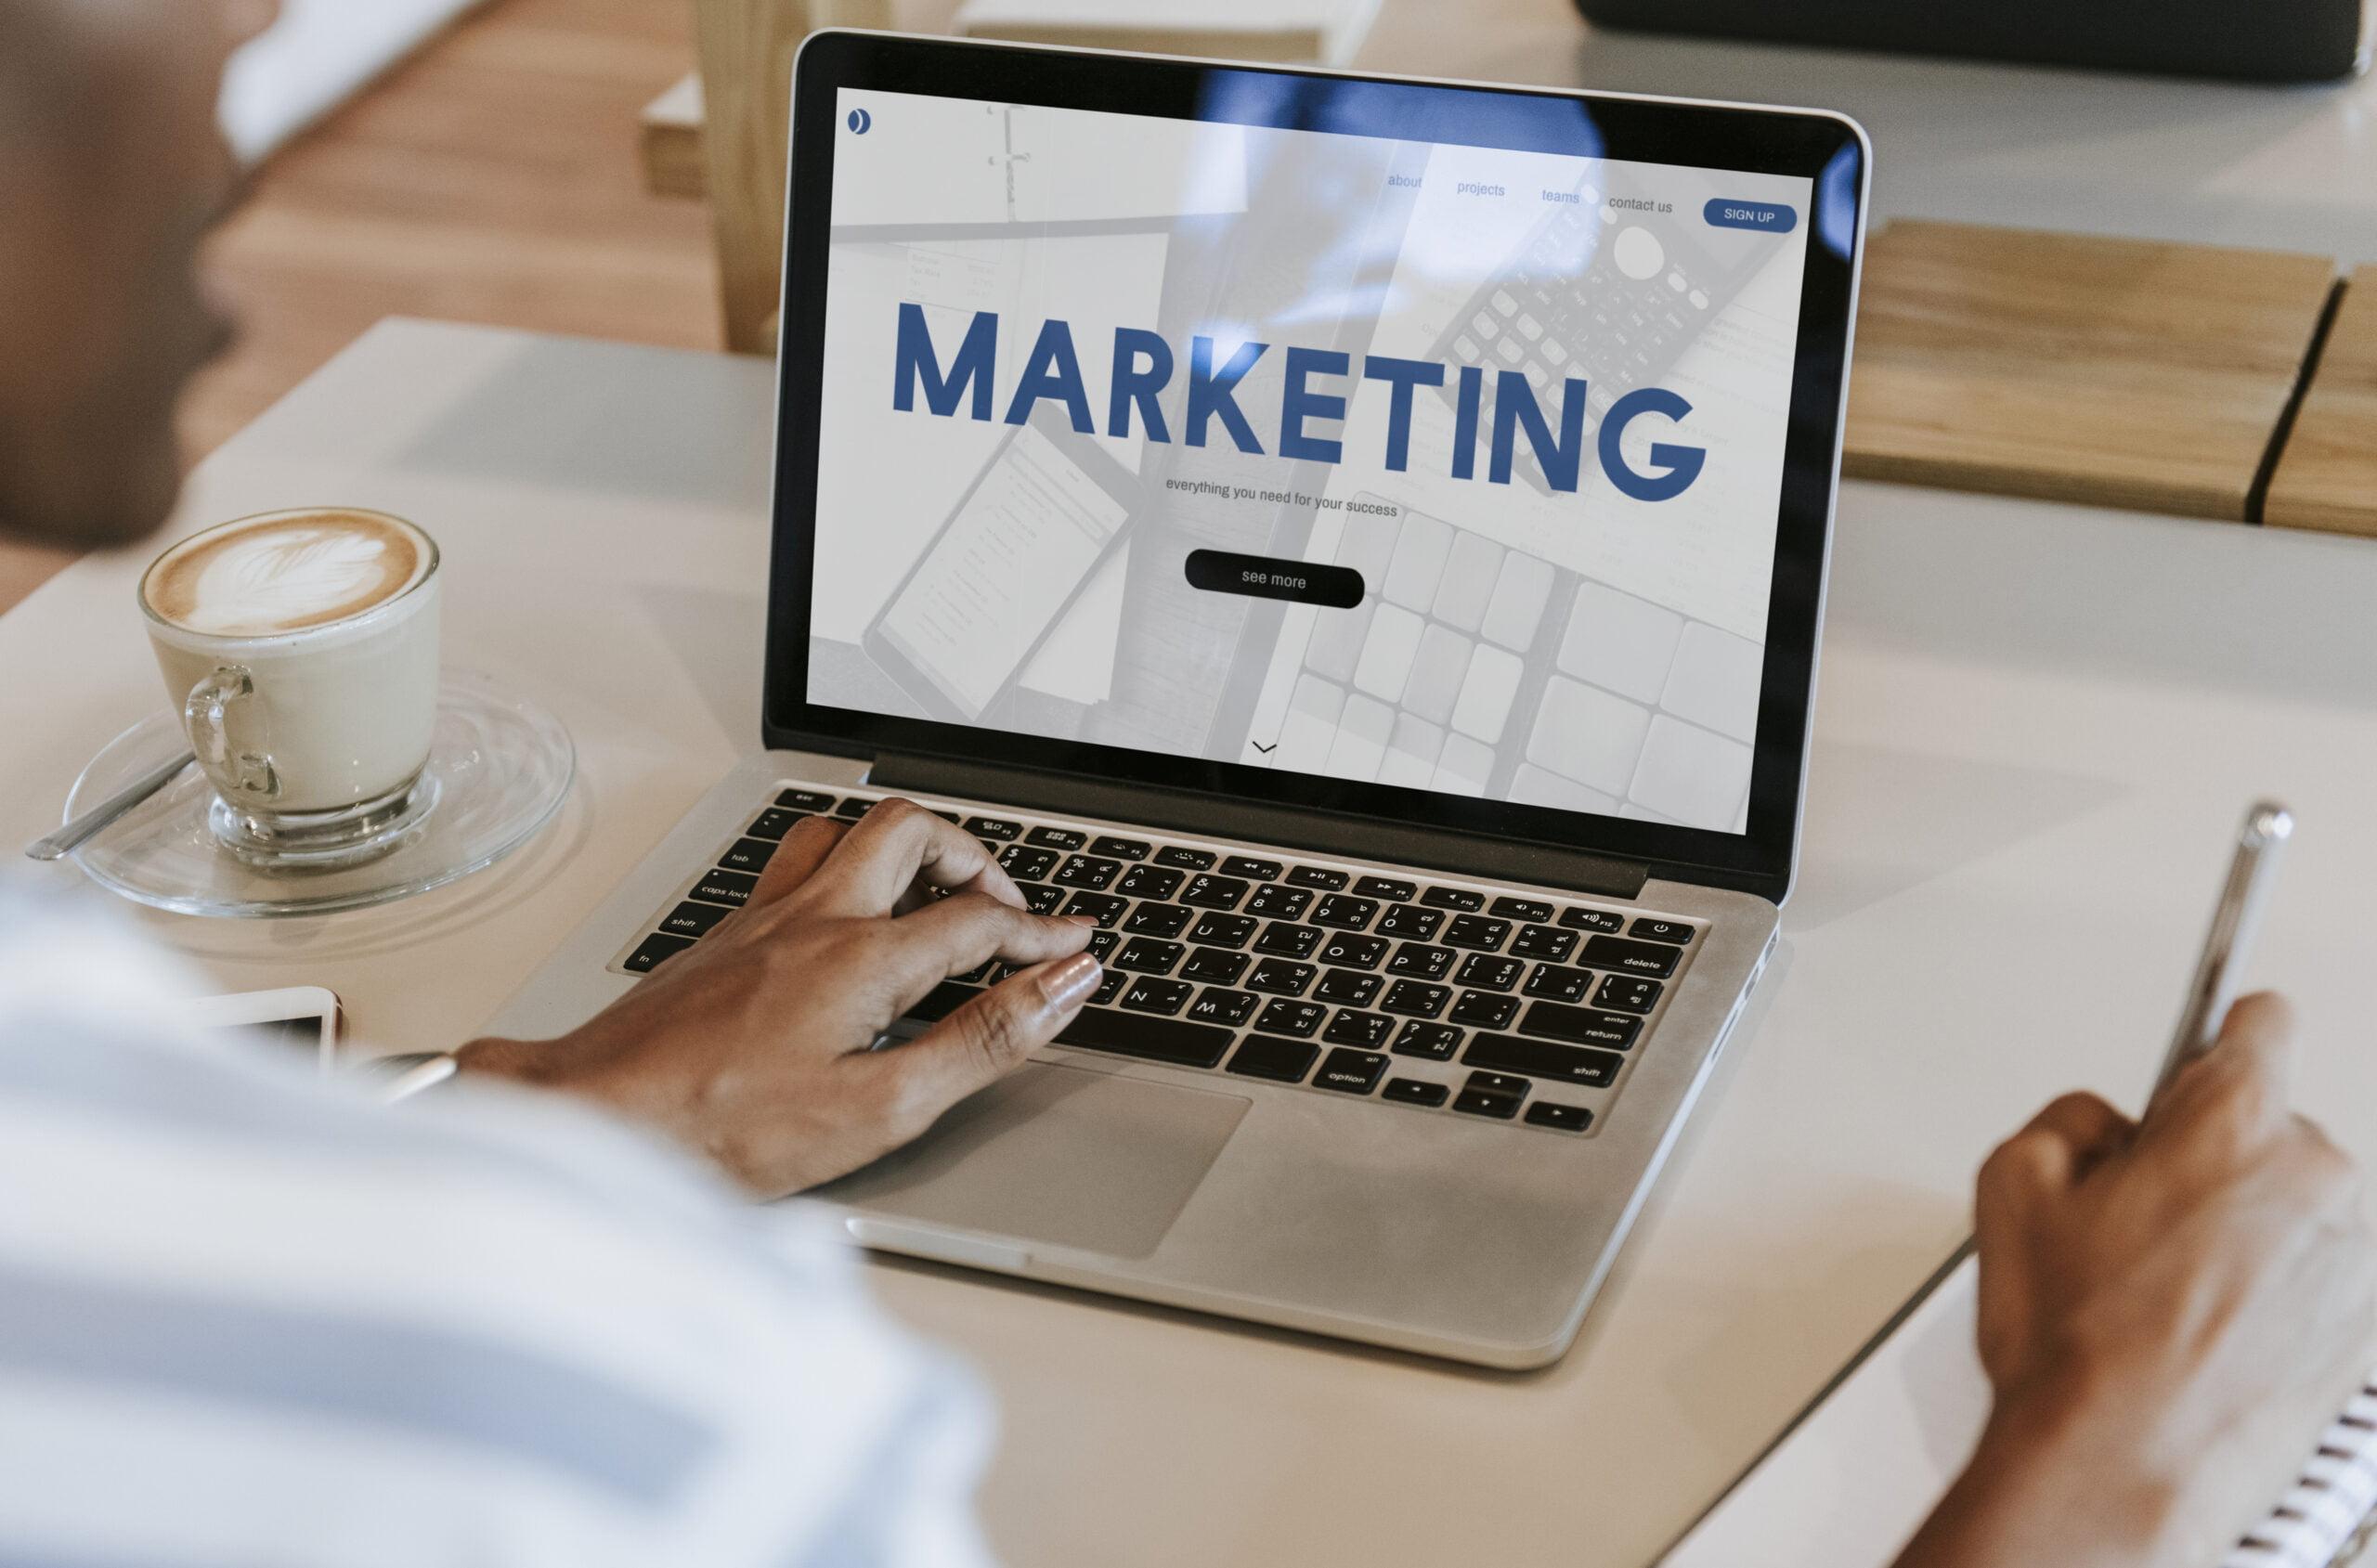 Chiến lược Marketing Online hiệu quả giúp kinh tế doanh nghiệp phát triển